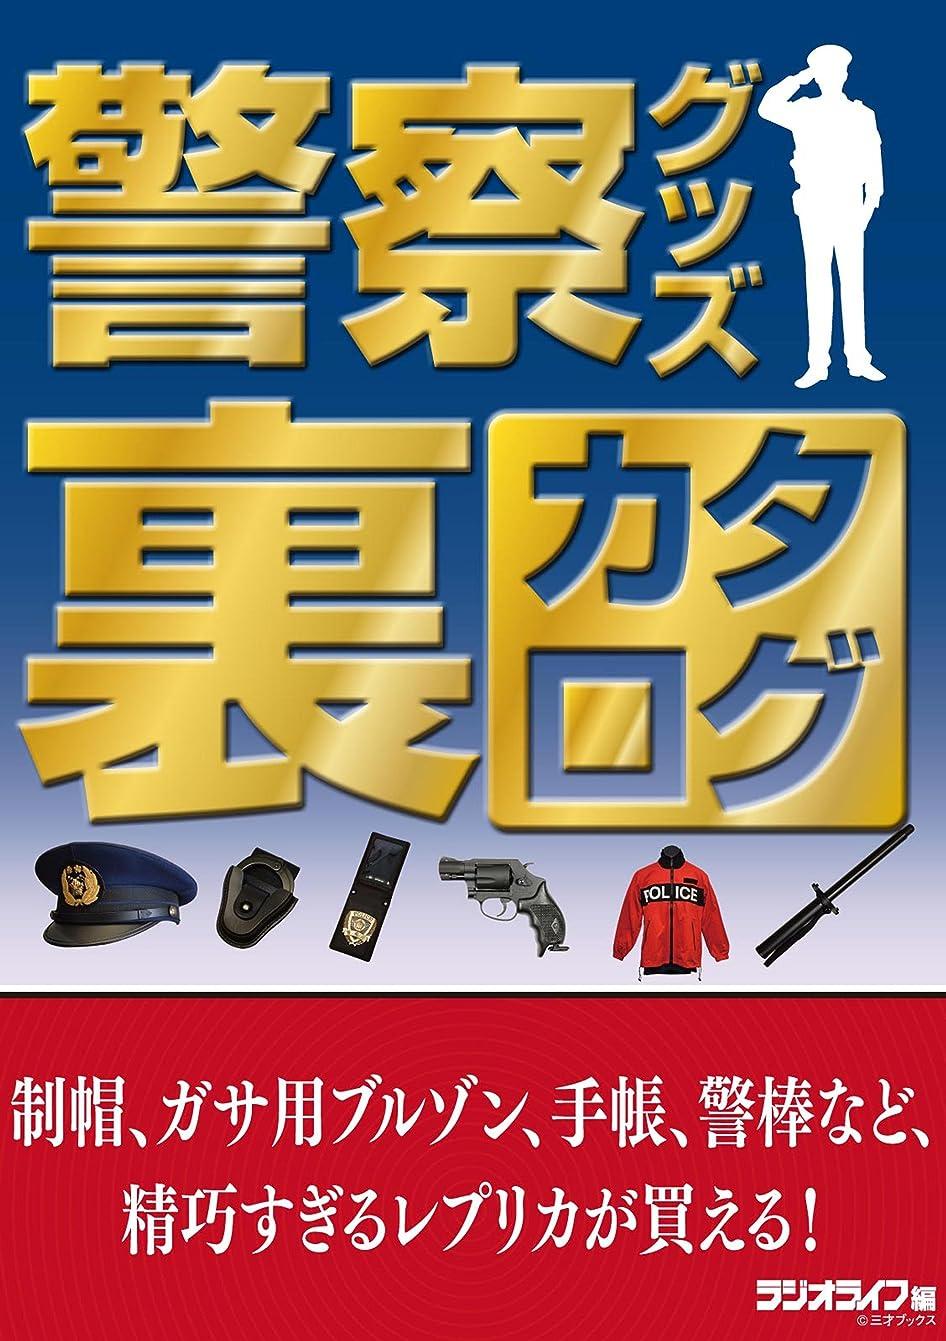 作曲家平らにする関係する警察グッズ裏カタログ~制帽、ガサ用ブルゾン、手帳、手錠、警棒など、精巧すぎるレプリカが買える!